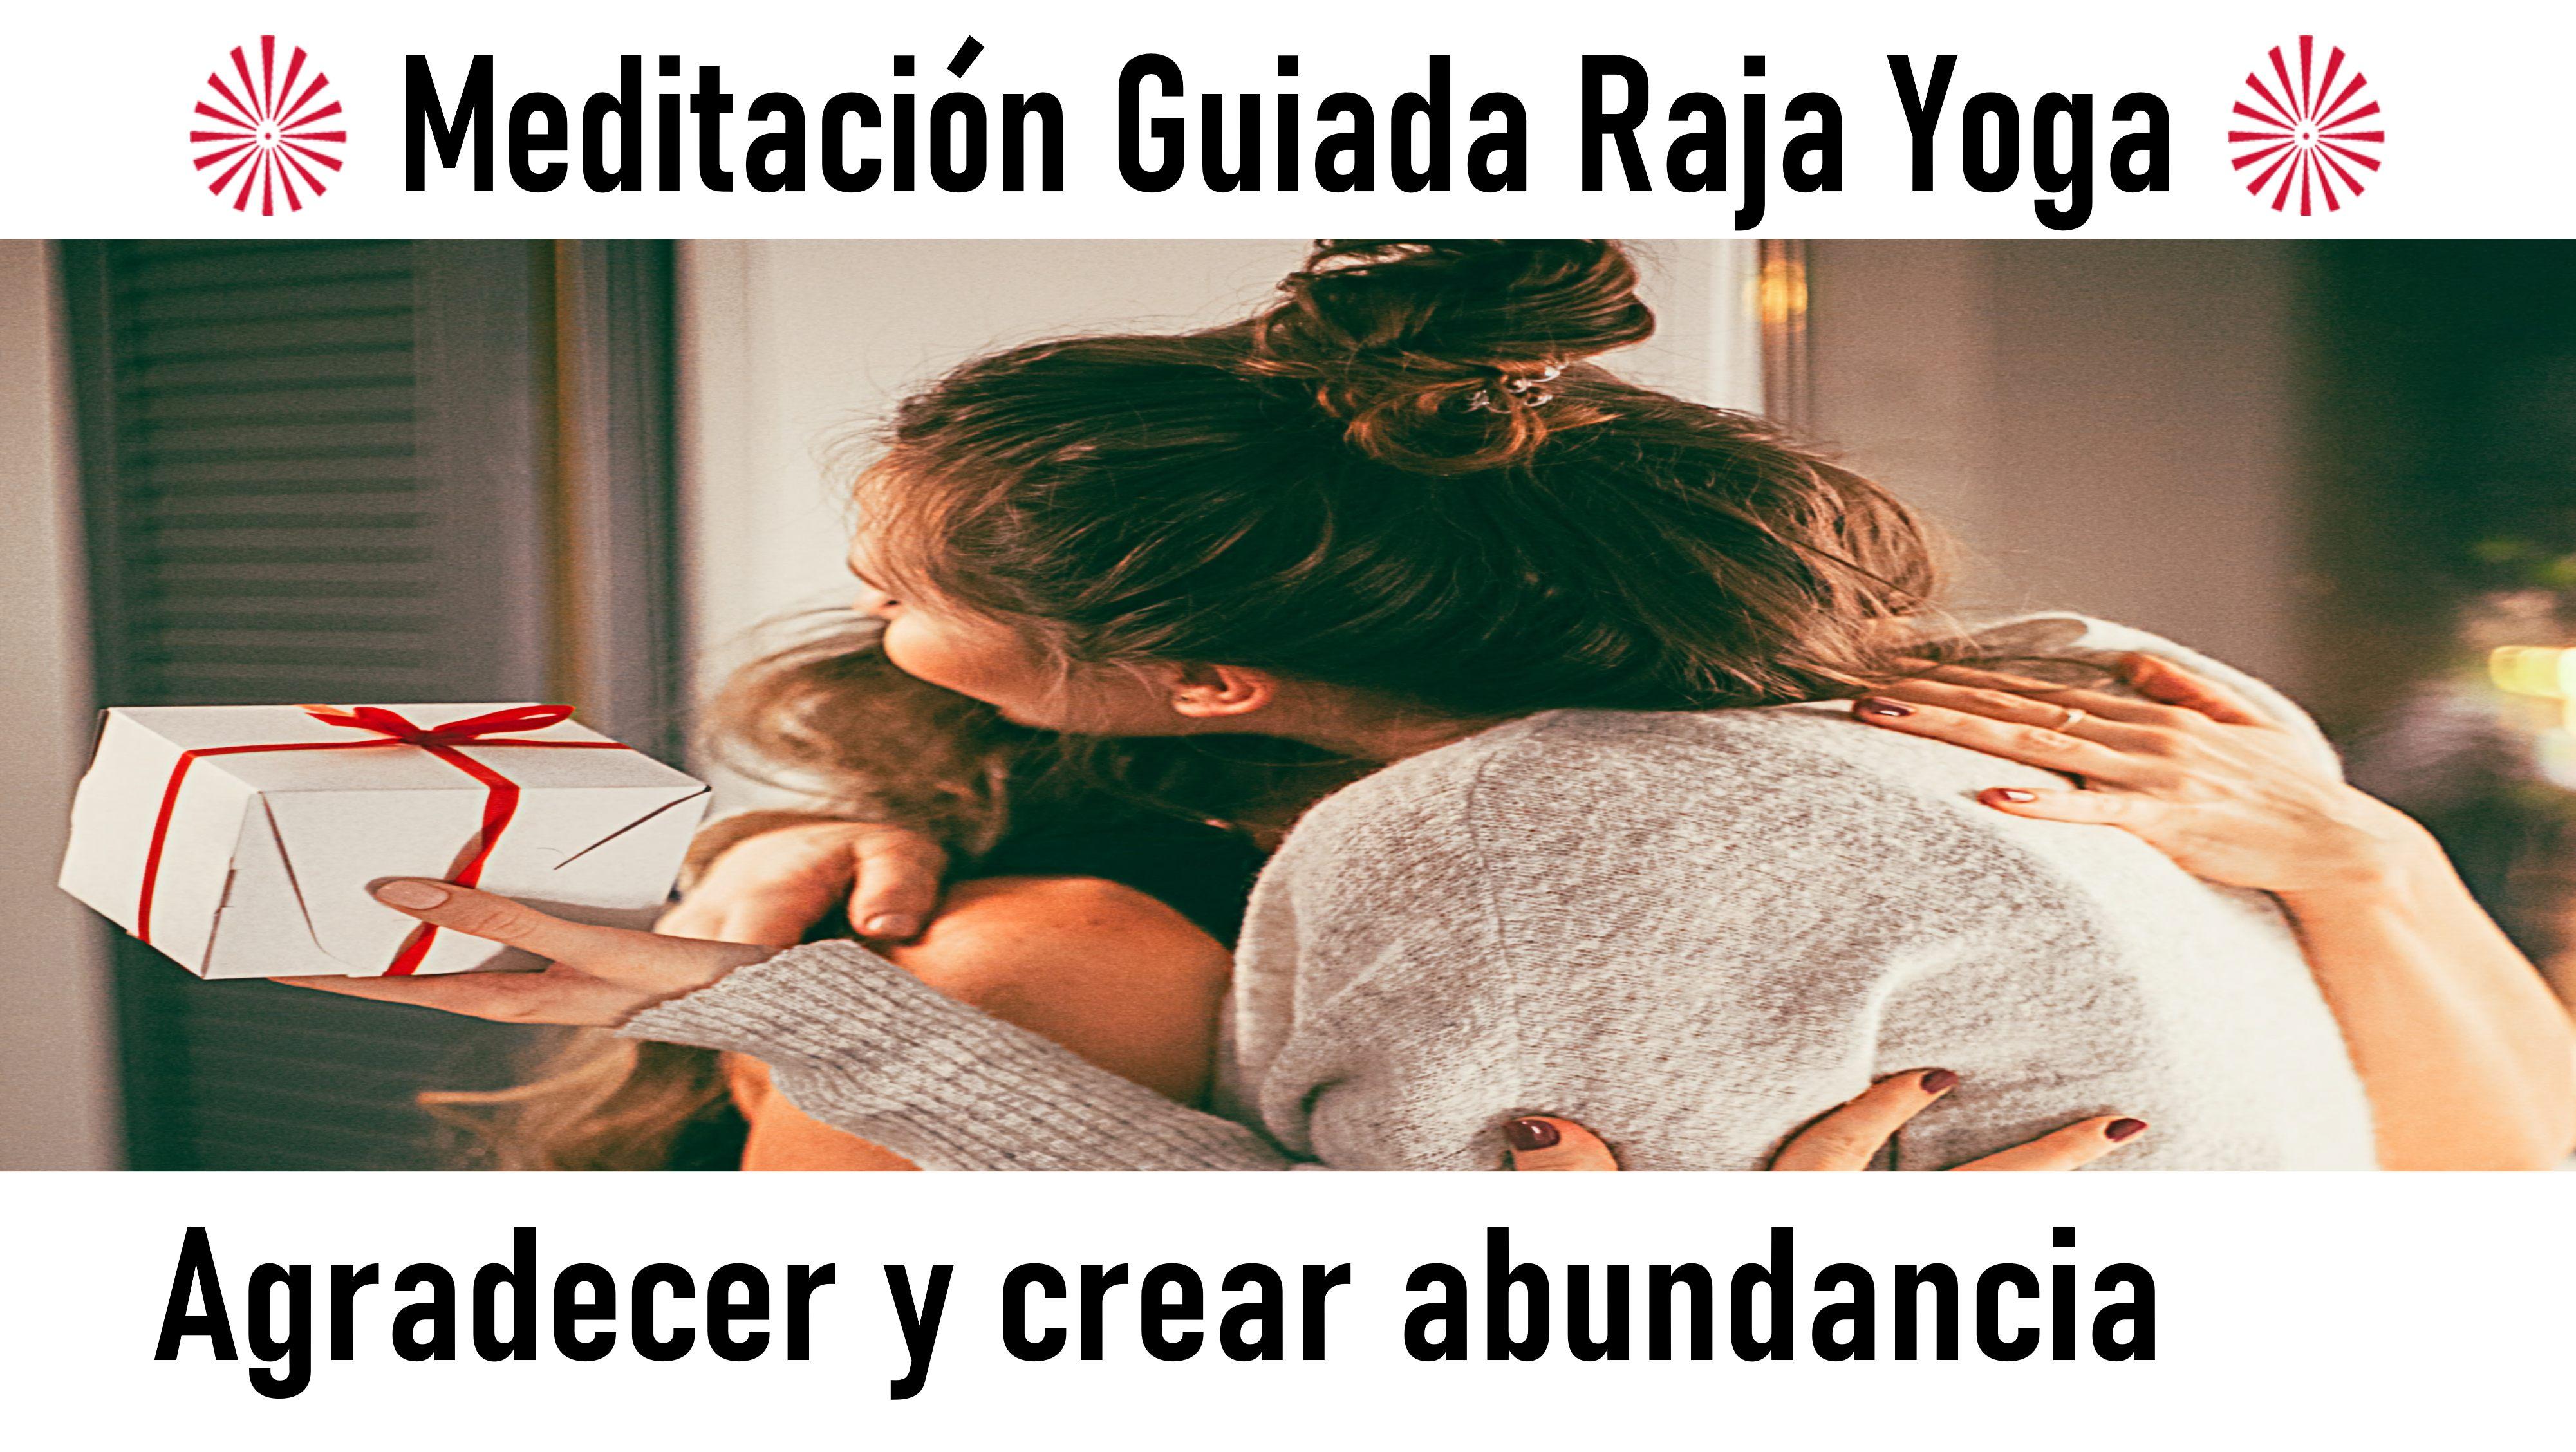 13 Septiembre 2020 Meditación guiada: Agradecer y crear abundancia